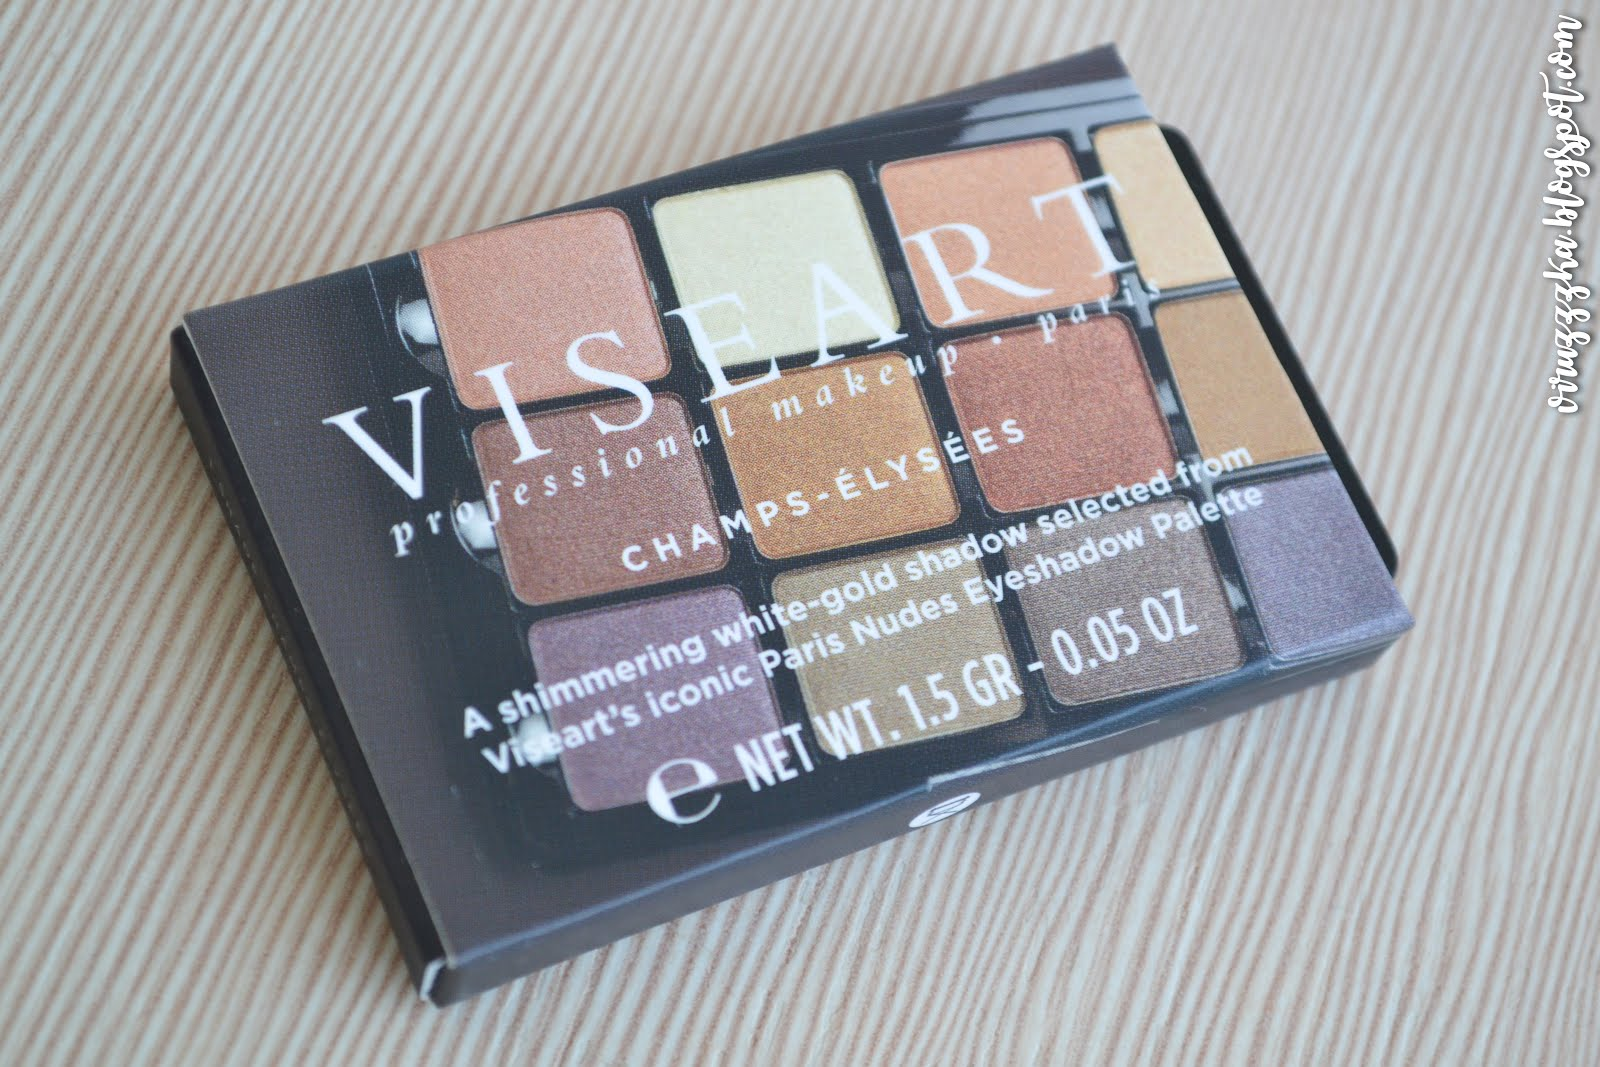 VISEART 06 Paris Nude Eyeshadow Champs-Elysees Review